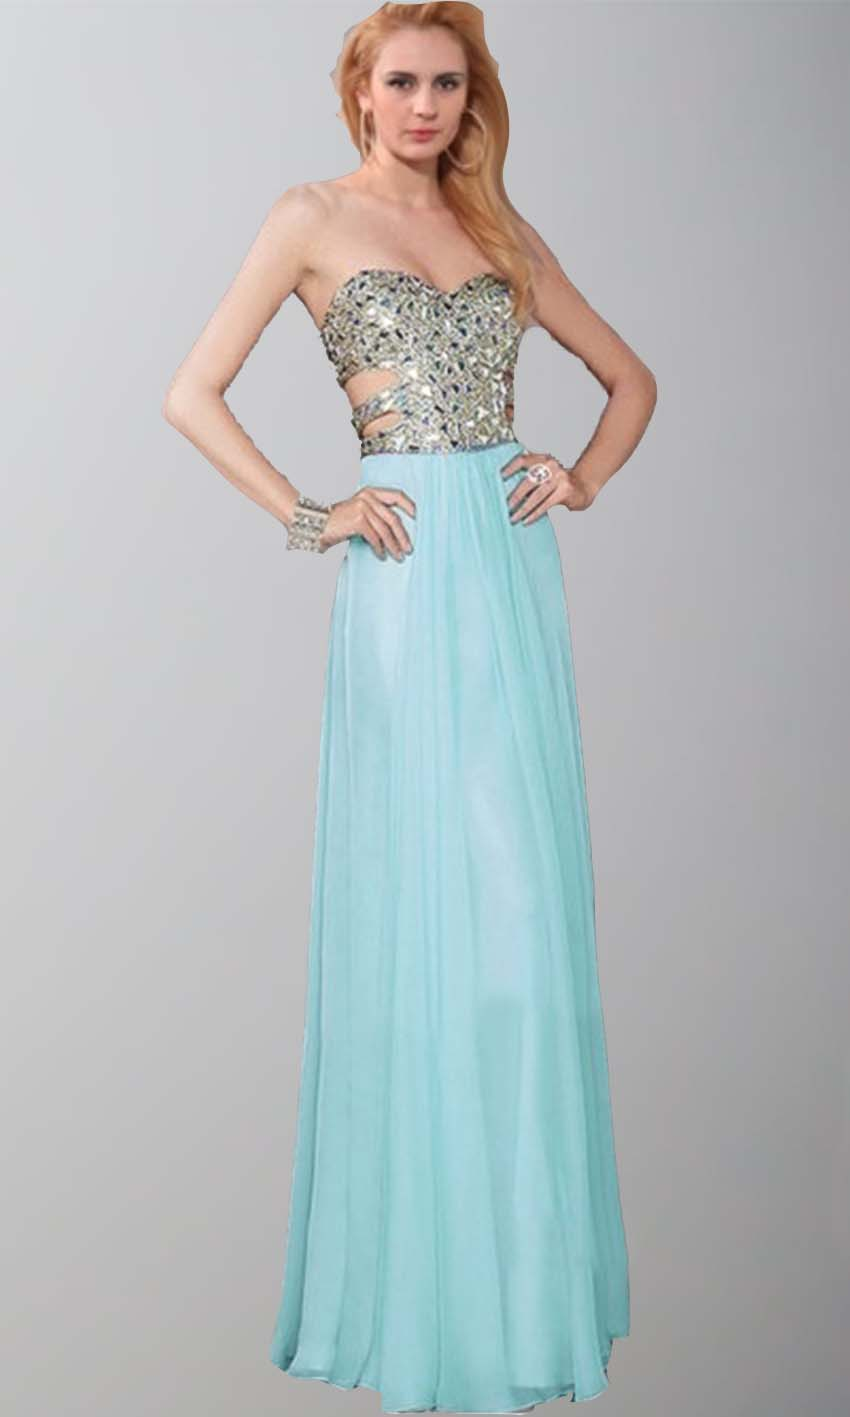 Exelent Starburst Prom Dress Ensign - All Wedding Dresses ...